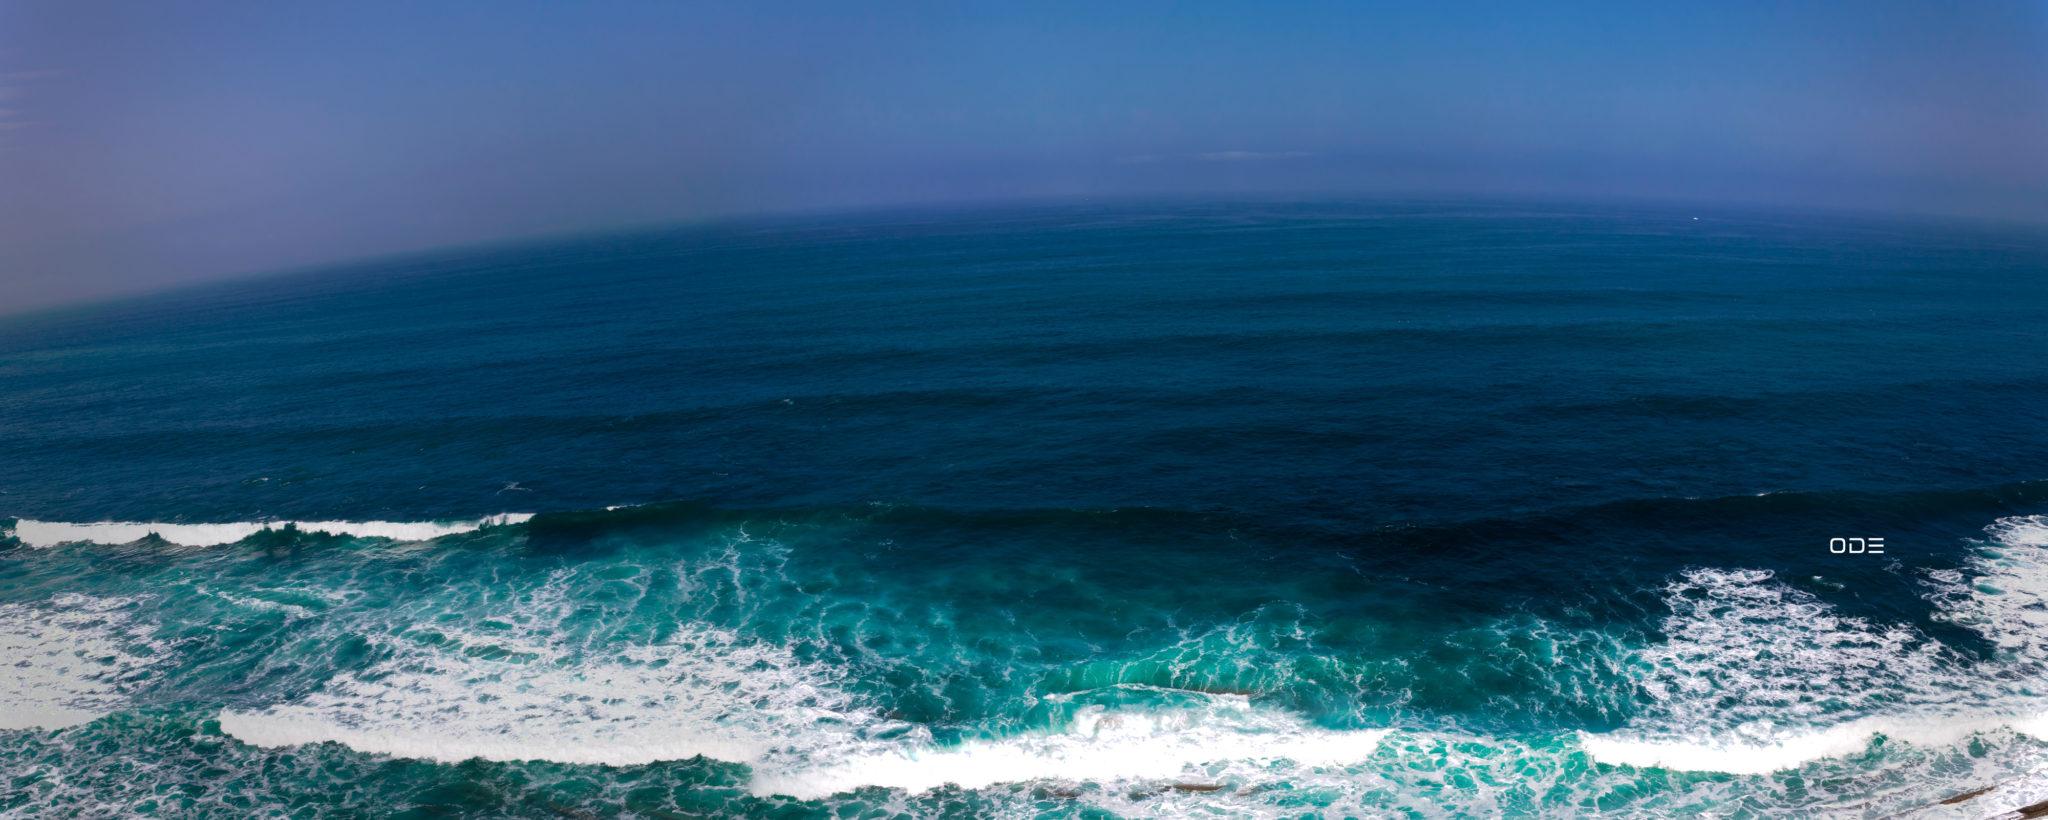 L'océan est ses déclinaisons de bleus